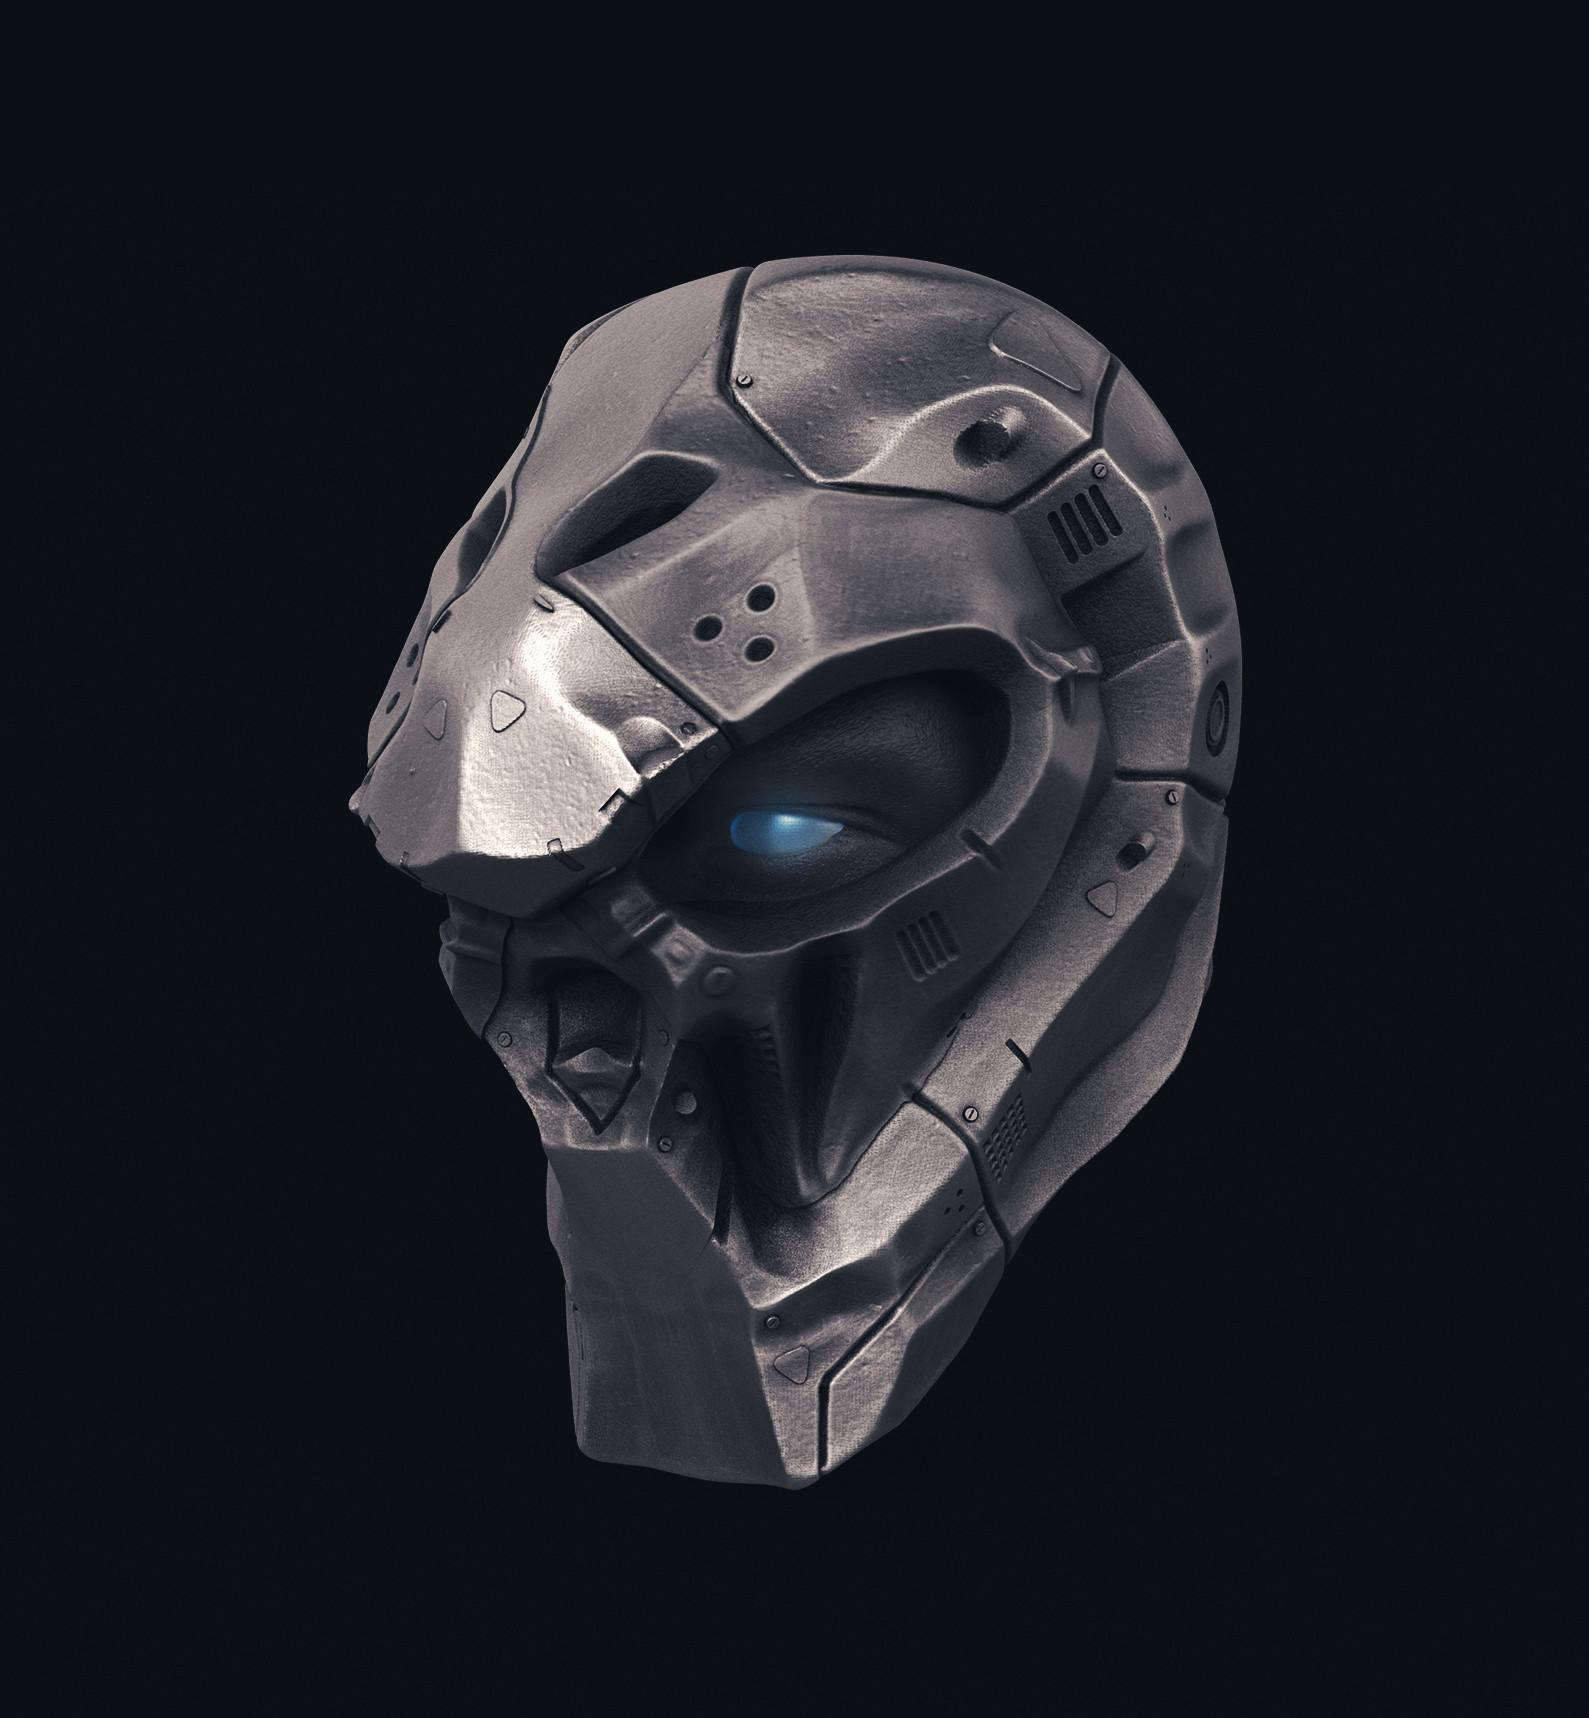 Ry cloze skull robot2